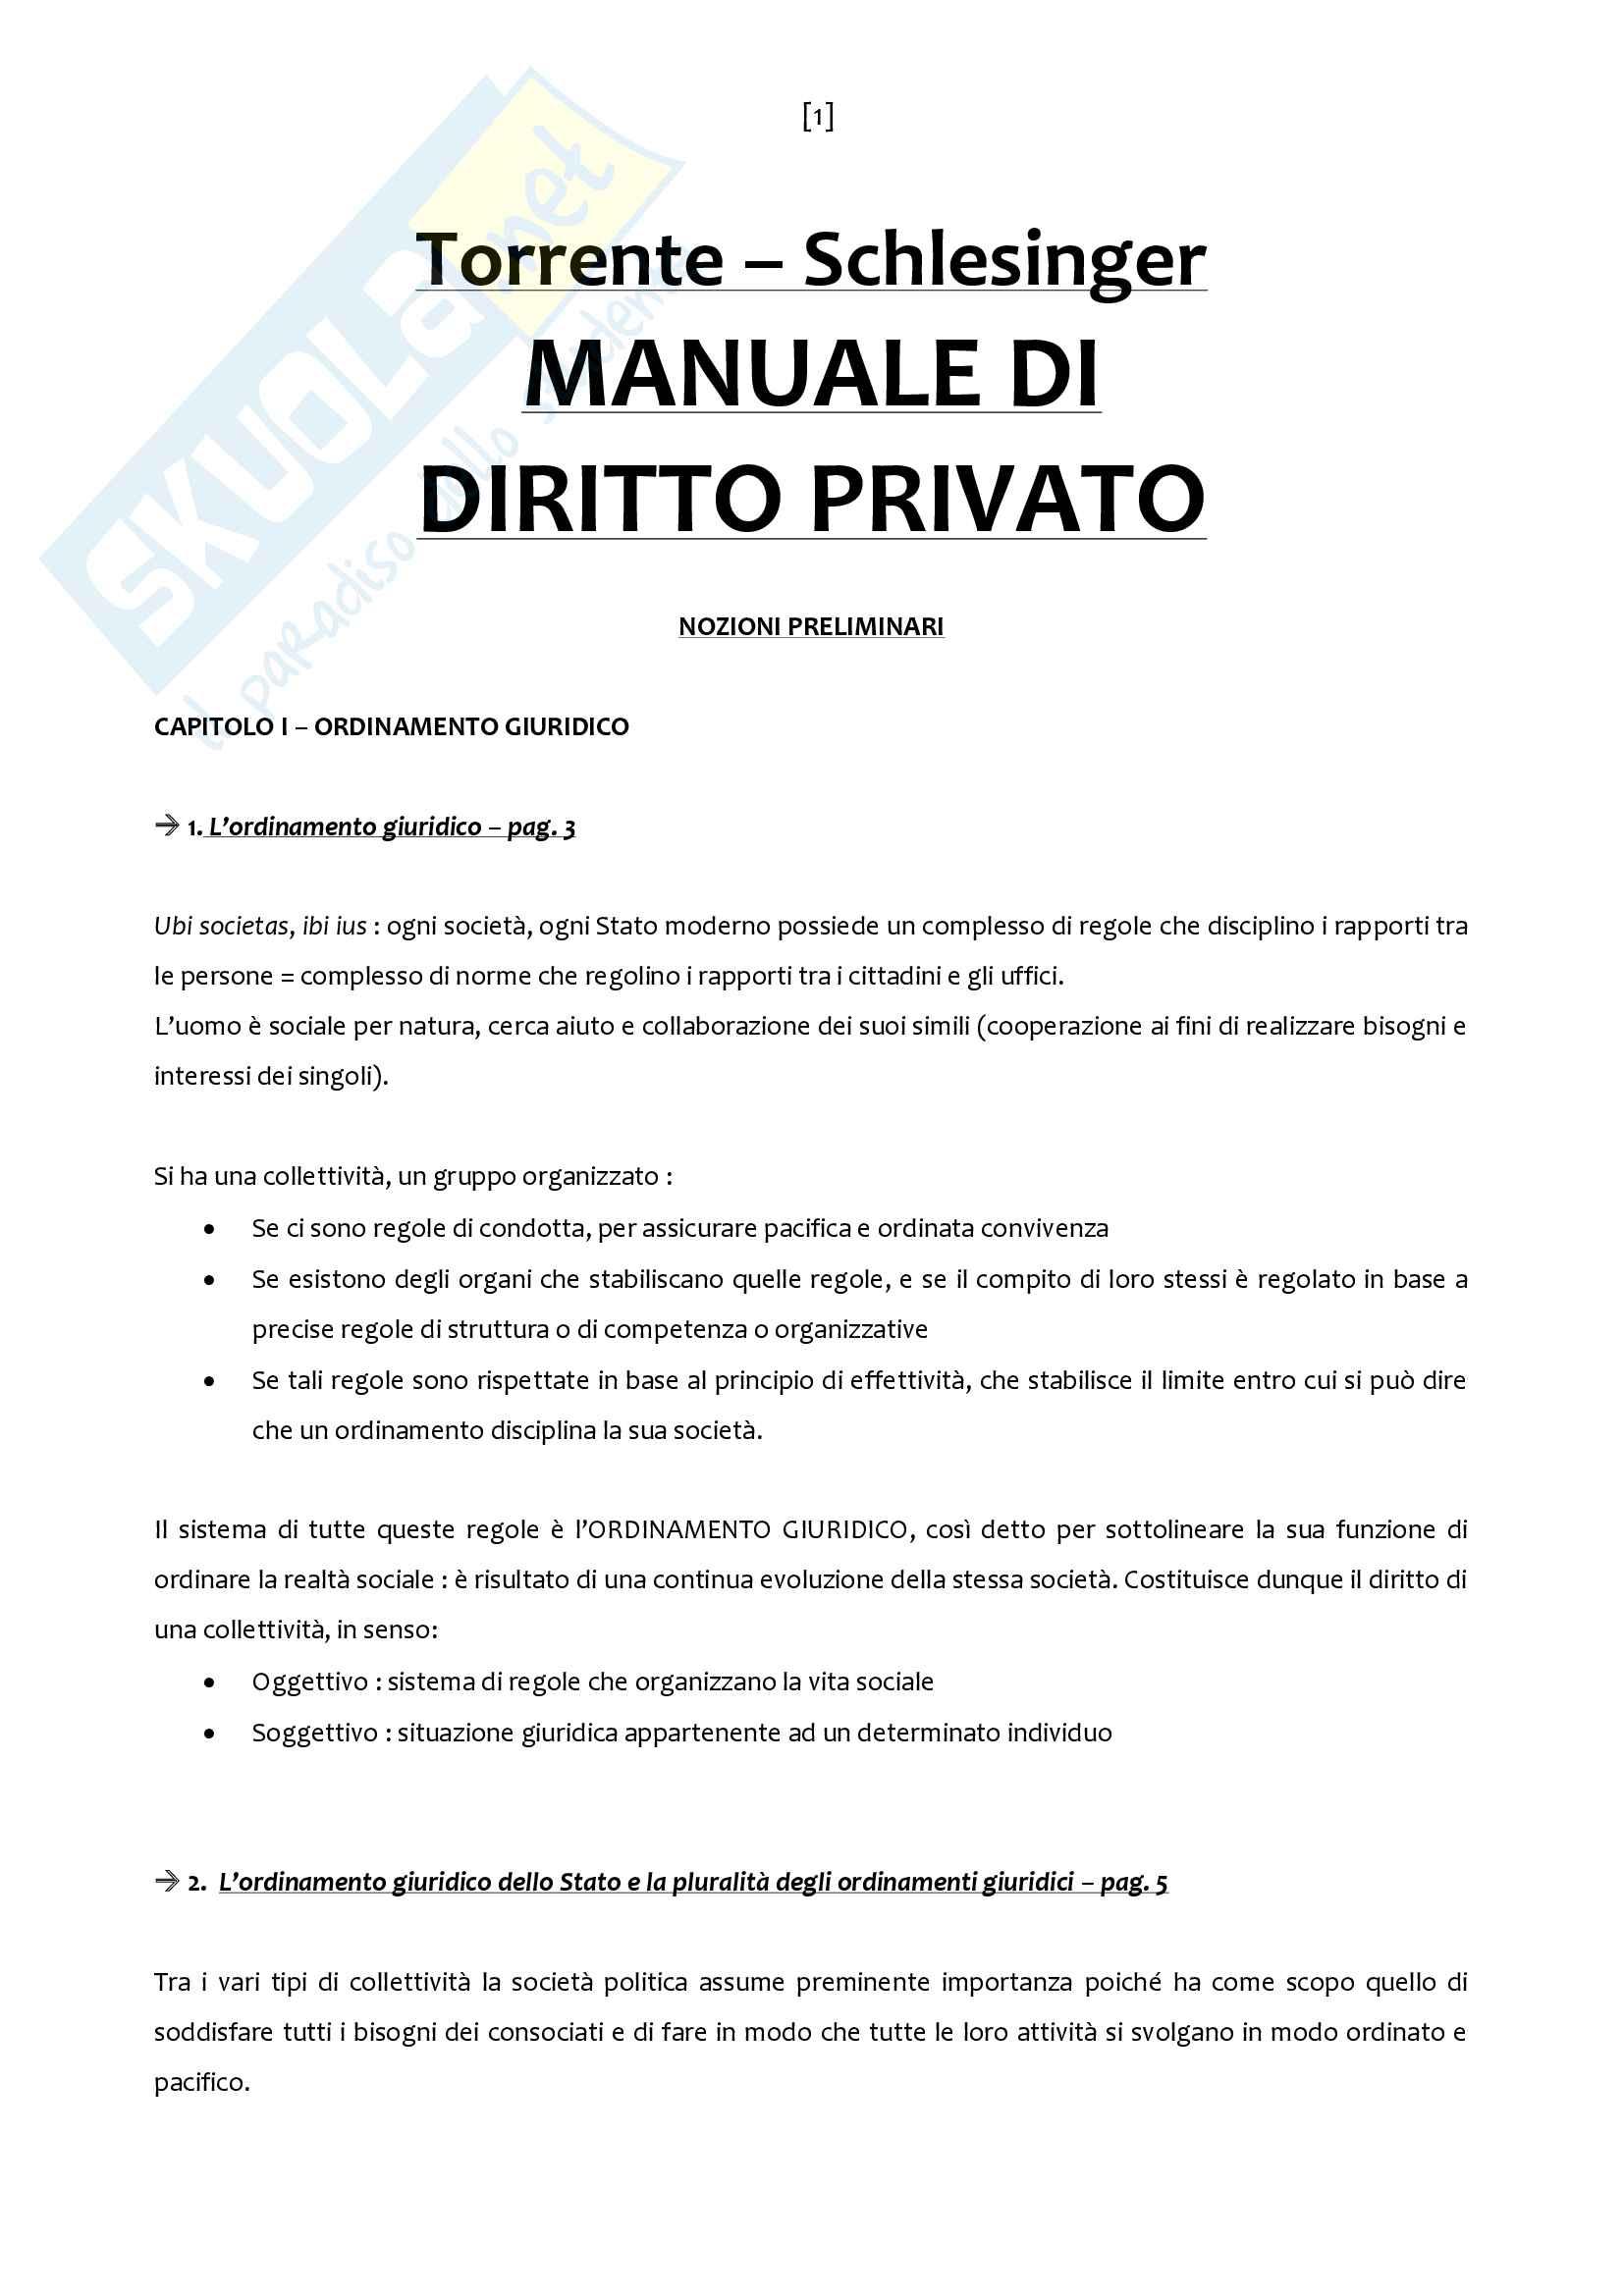 Riassunto esame Diritto Privato, prof. Addis, libro consigliato Manuale di Diritto Privato, Torrente, Schlesinger